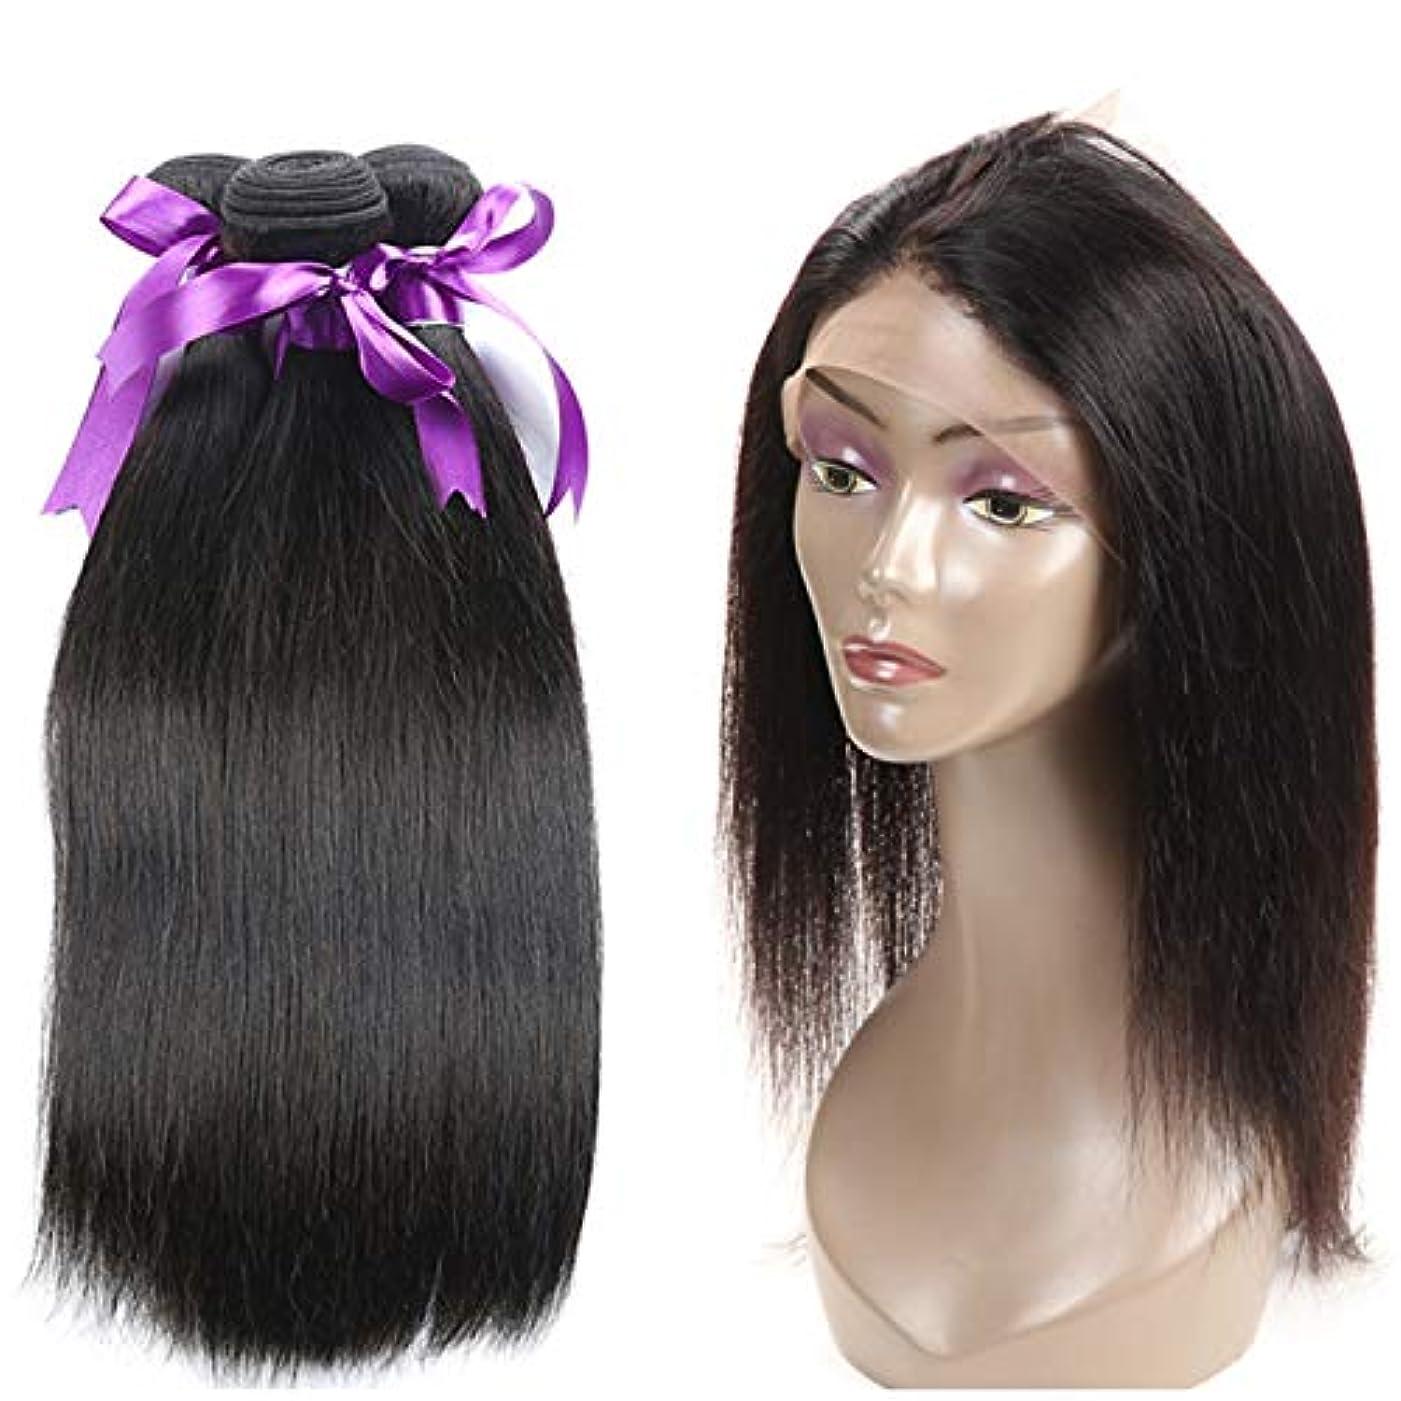 ポルティコまだら正確なかつら ブラジルストレートヘア360レース前頭葉付き非レミー人間の髪の毛3バンドル360前頭人間の髪の毛のかつら (Length : 14 14 16 Closure12)